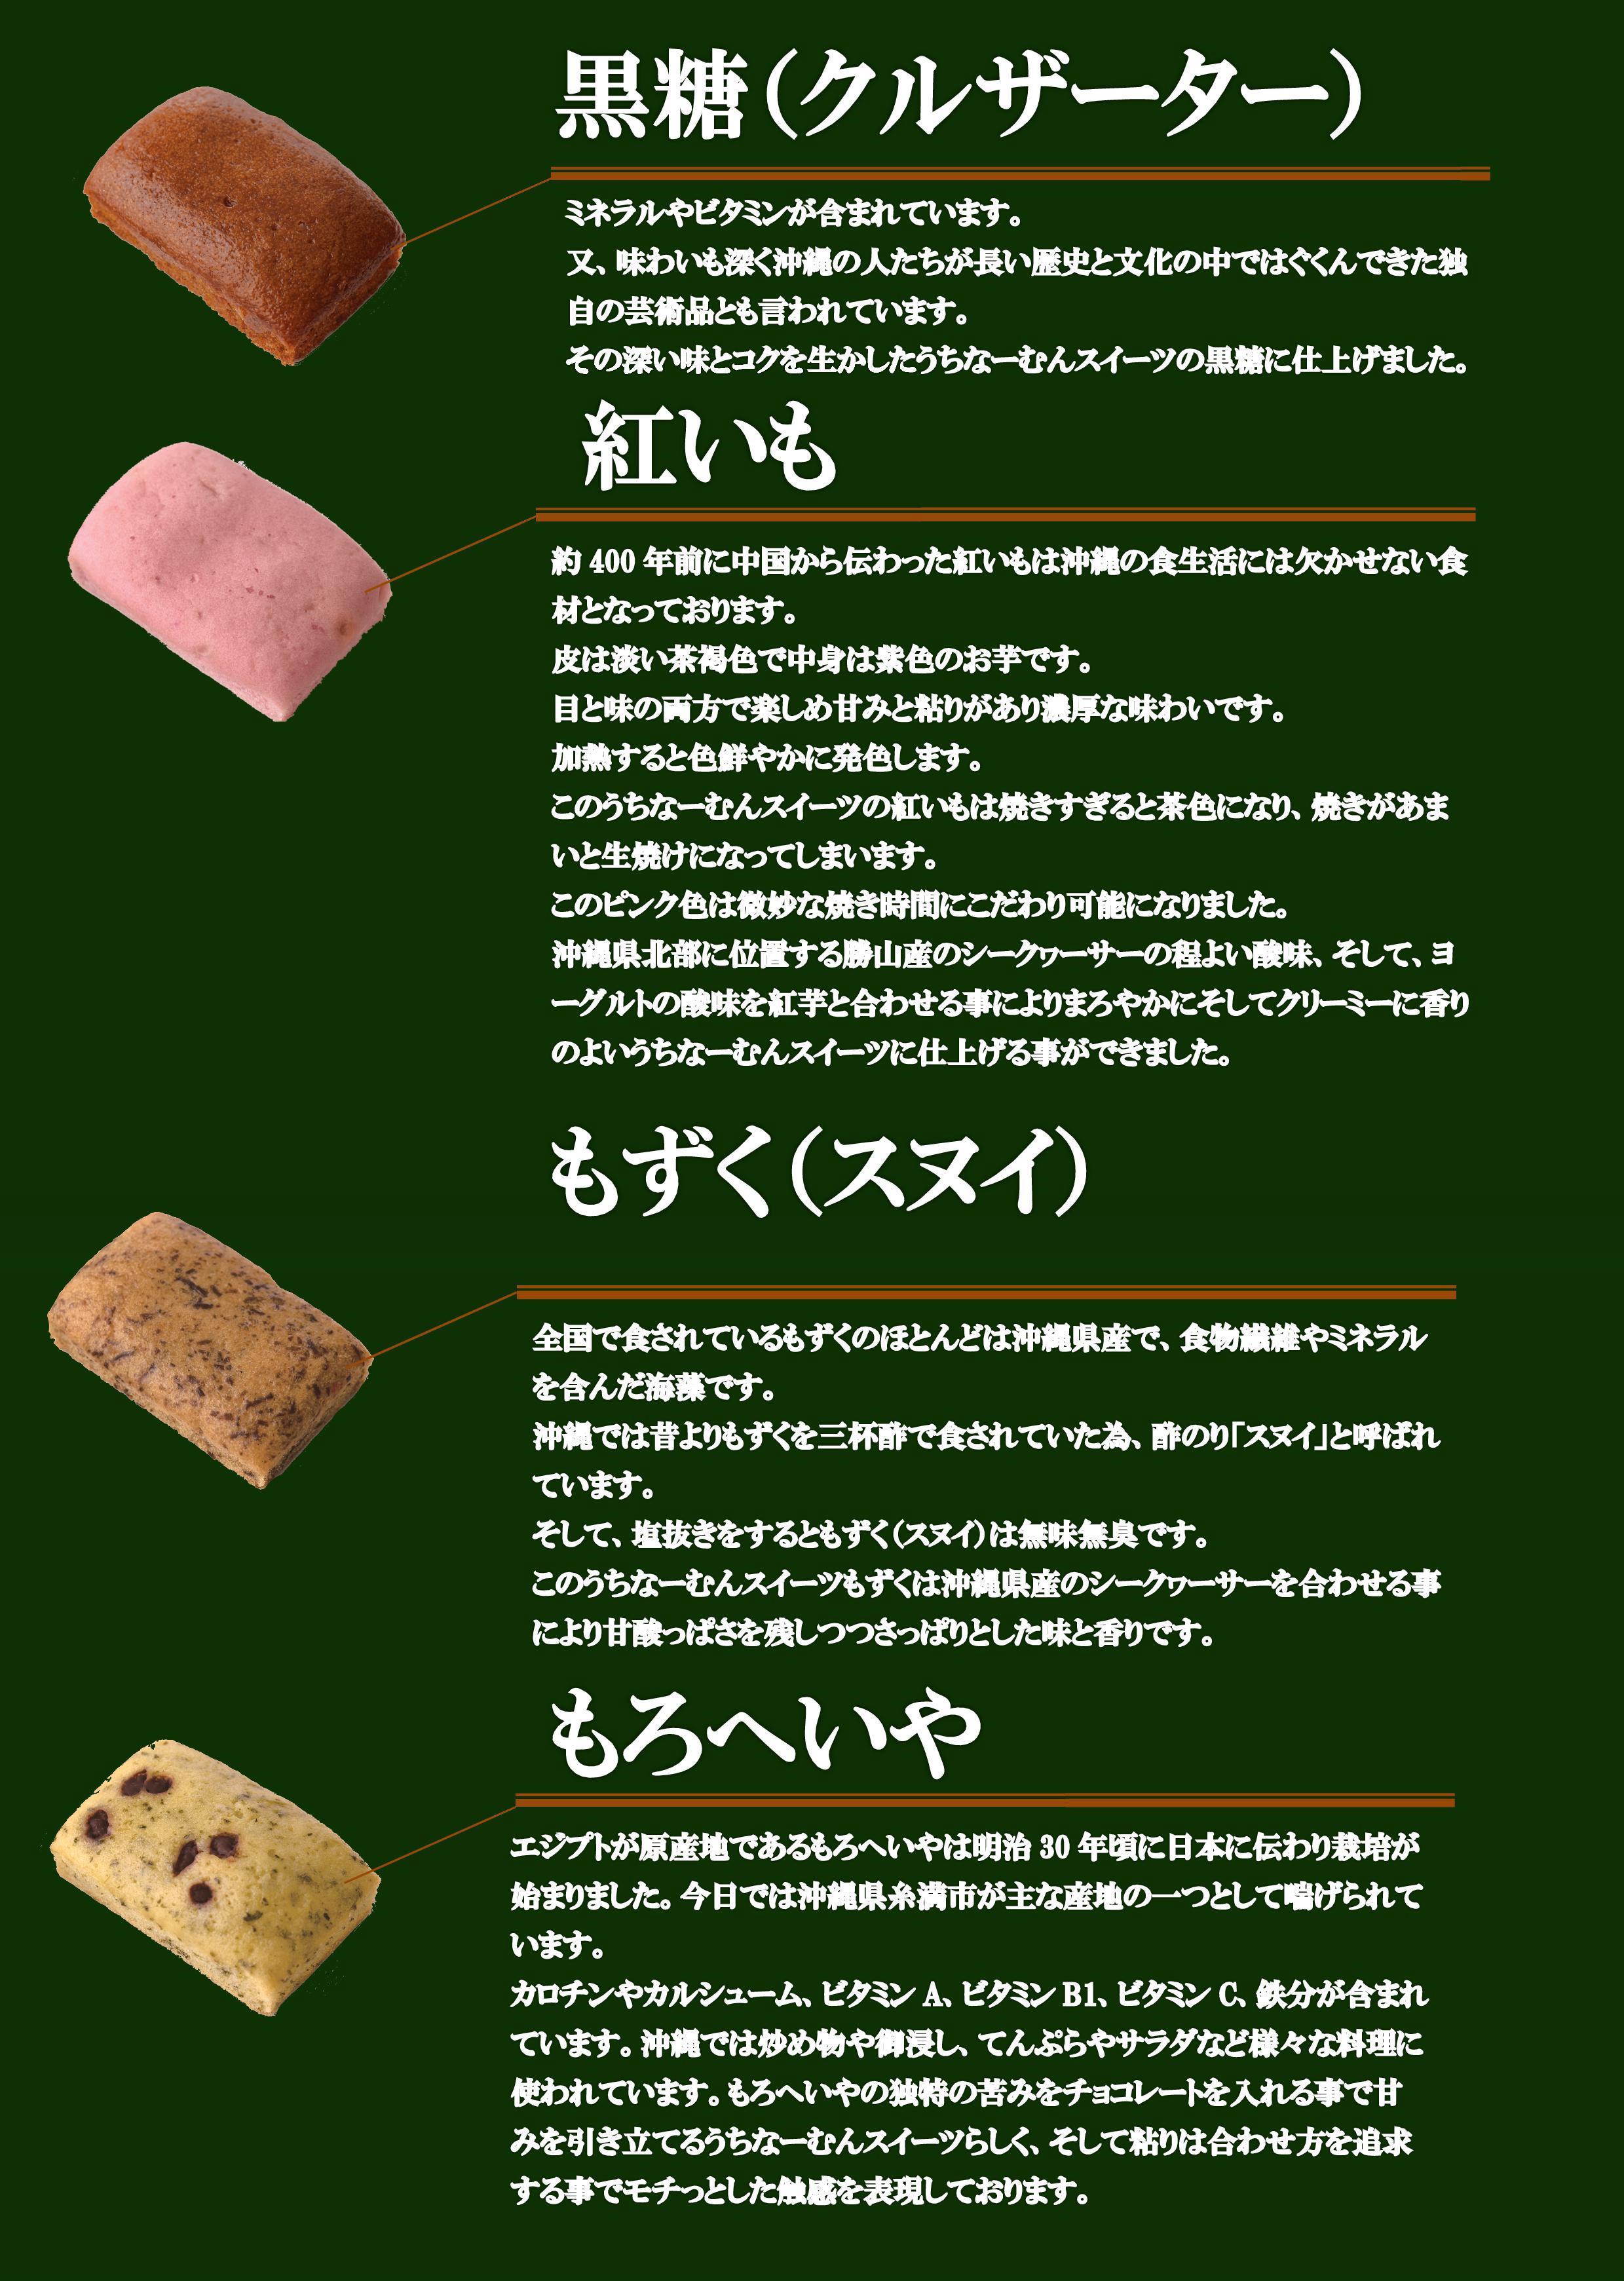 各種うちなーむんケーキ素材紹介_2